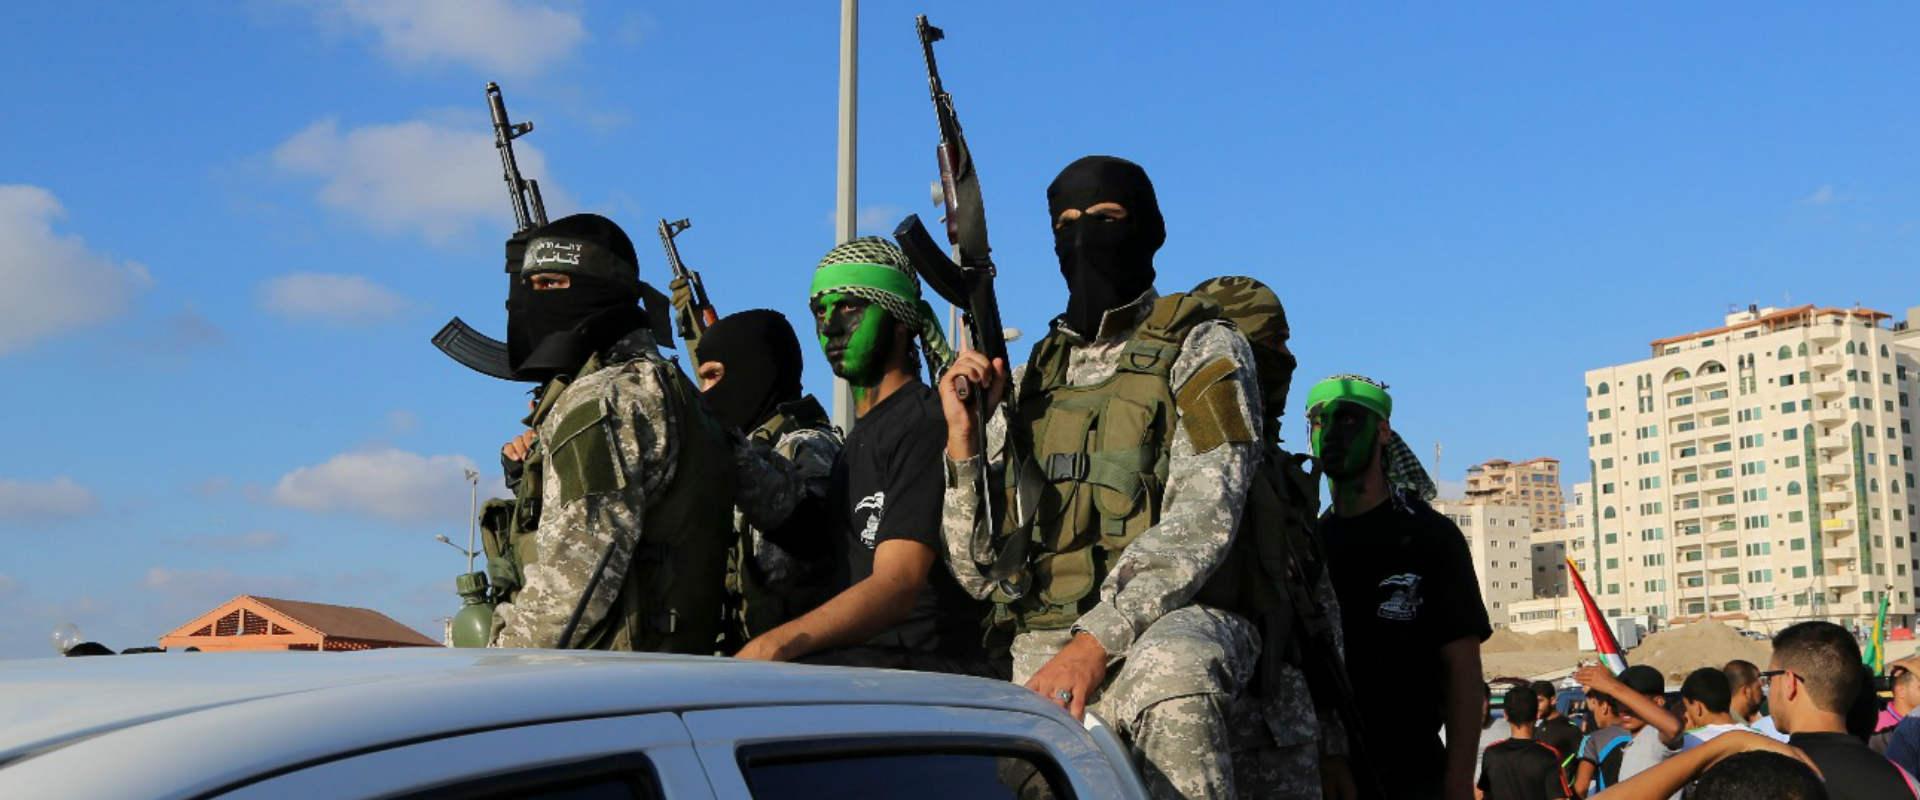 פעילי הזרוע הצבאית של חמאס